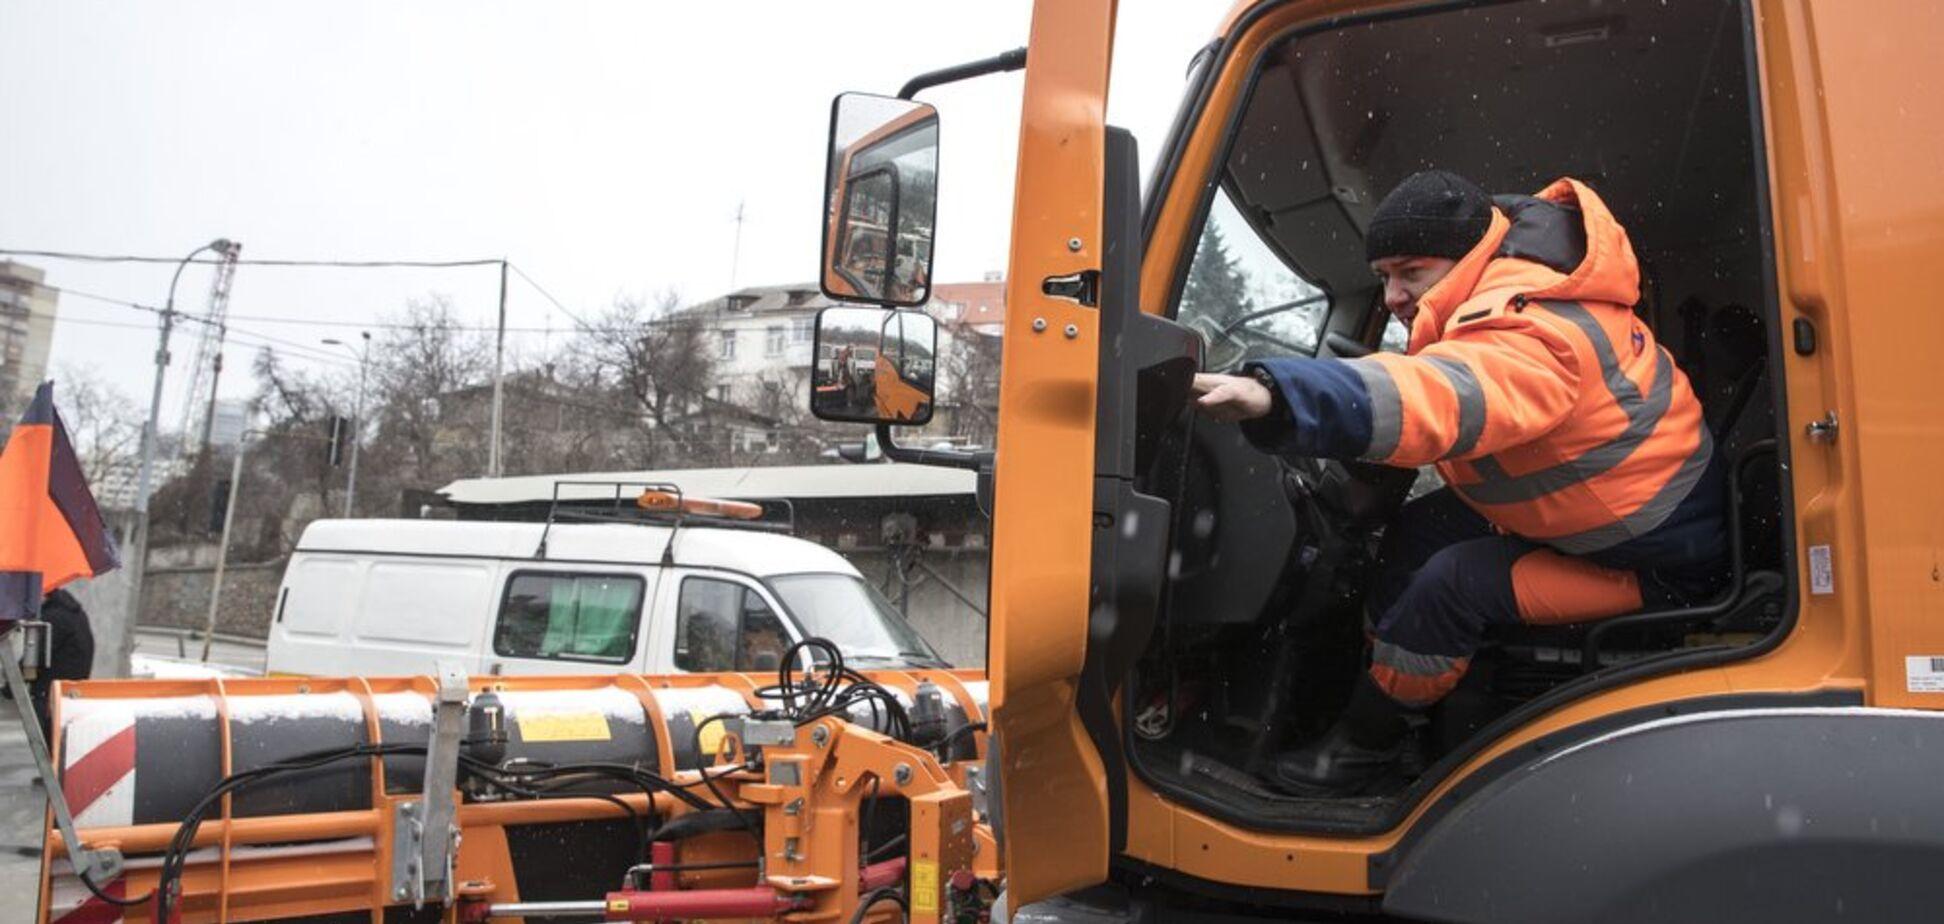 Київ отримав нову спецтехніку для обробки доріг: Кличко розкрив подробиці